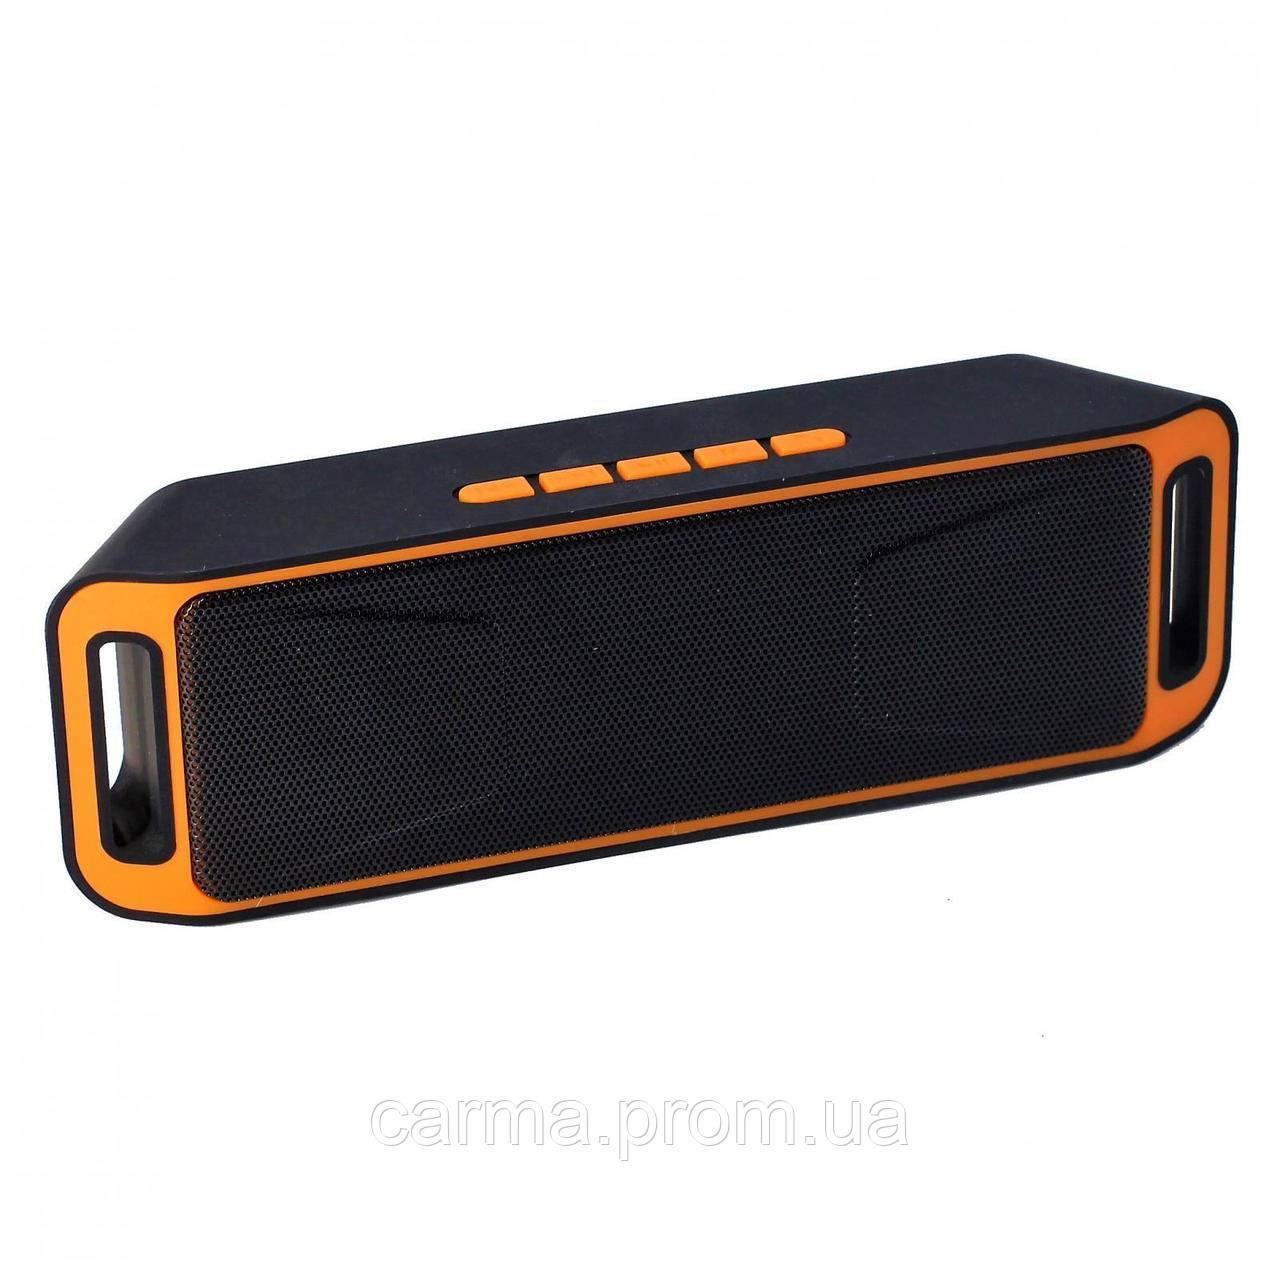 Портативная колонка SVN SC 208 Оранжевая